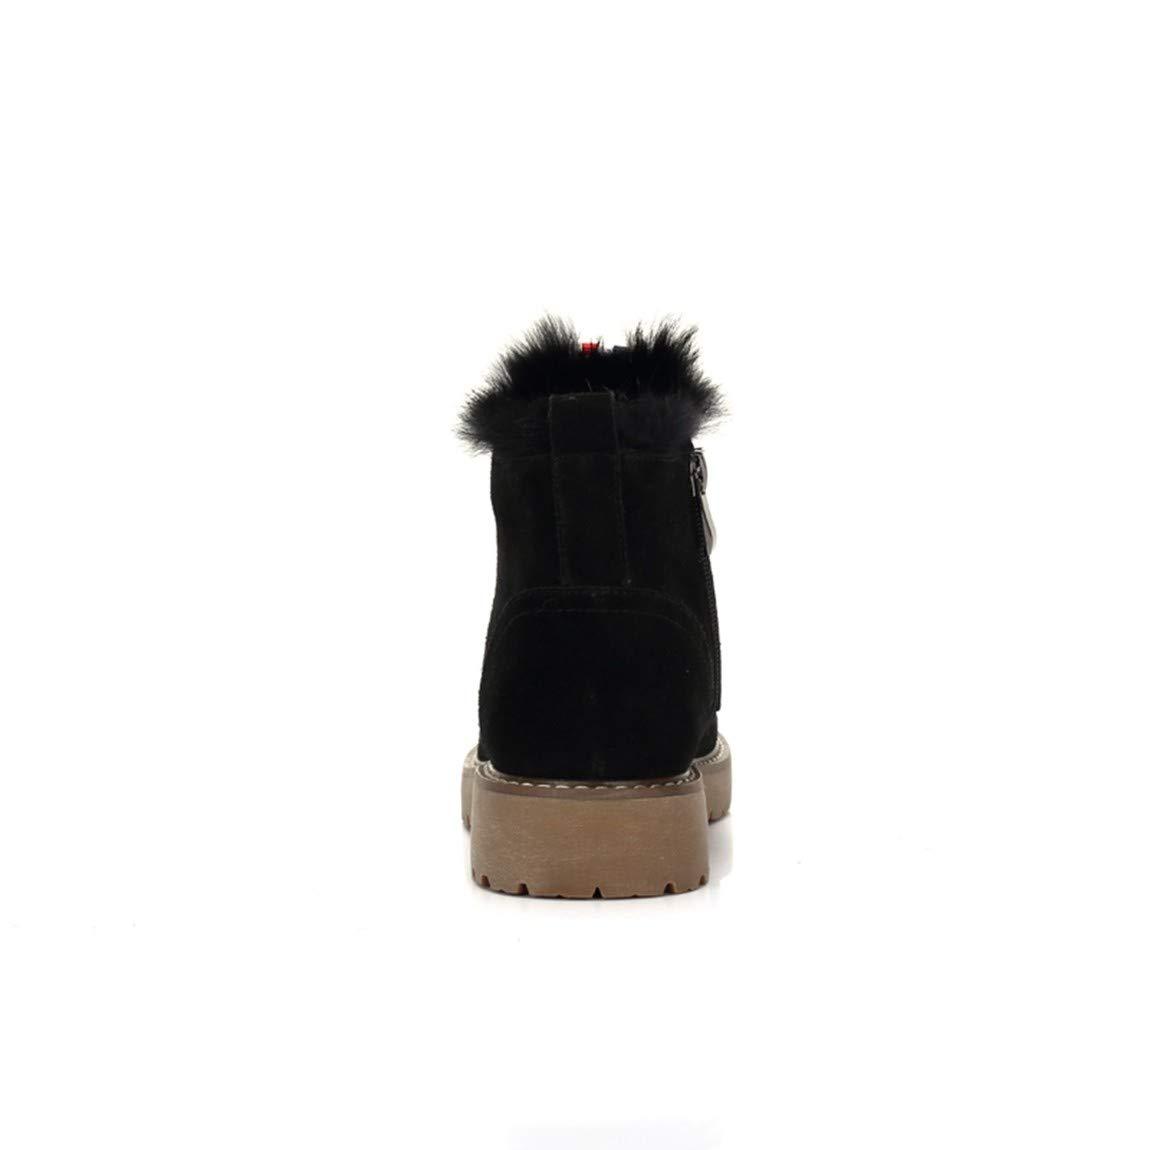 Cute girl Winter Trend Persönlichkeit Schöne Straße Straße Schöne Einfach Und Komfortabel Das Kurze Rohr Frauen Stiefel Schwarz ea95b0